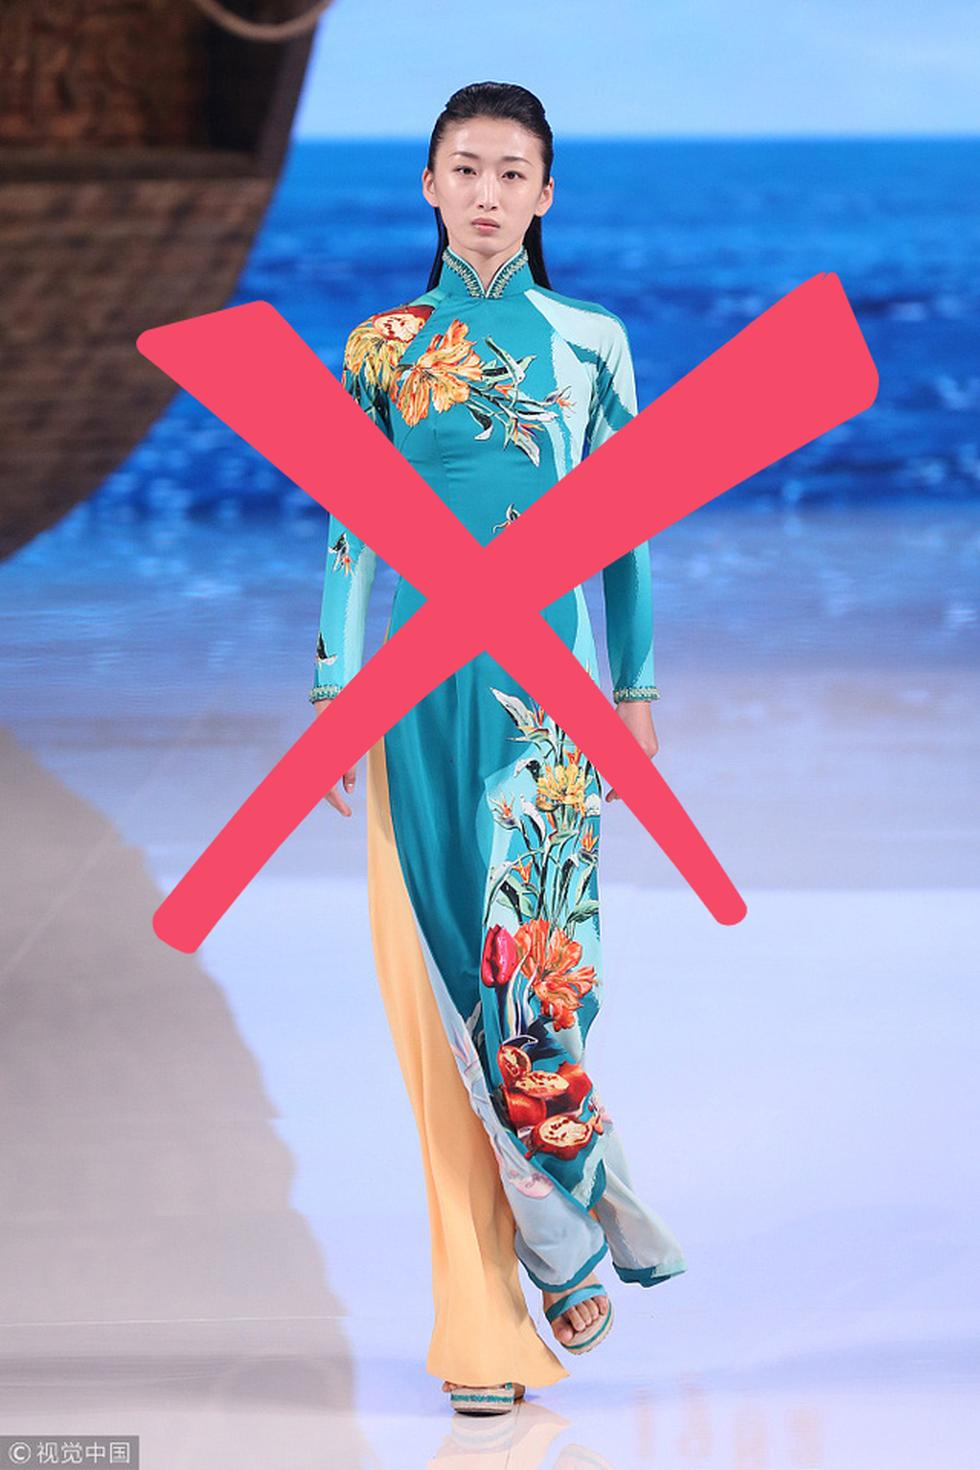 Nhà thiết kế Trung Quốc từng xài mẫu áo dài Việt, giờ nói về phẩm giá trang phục Trung Quốc - Ảnh 7.